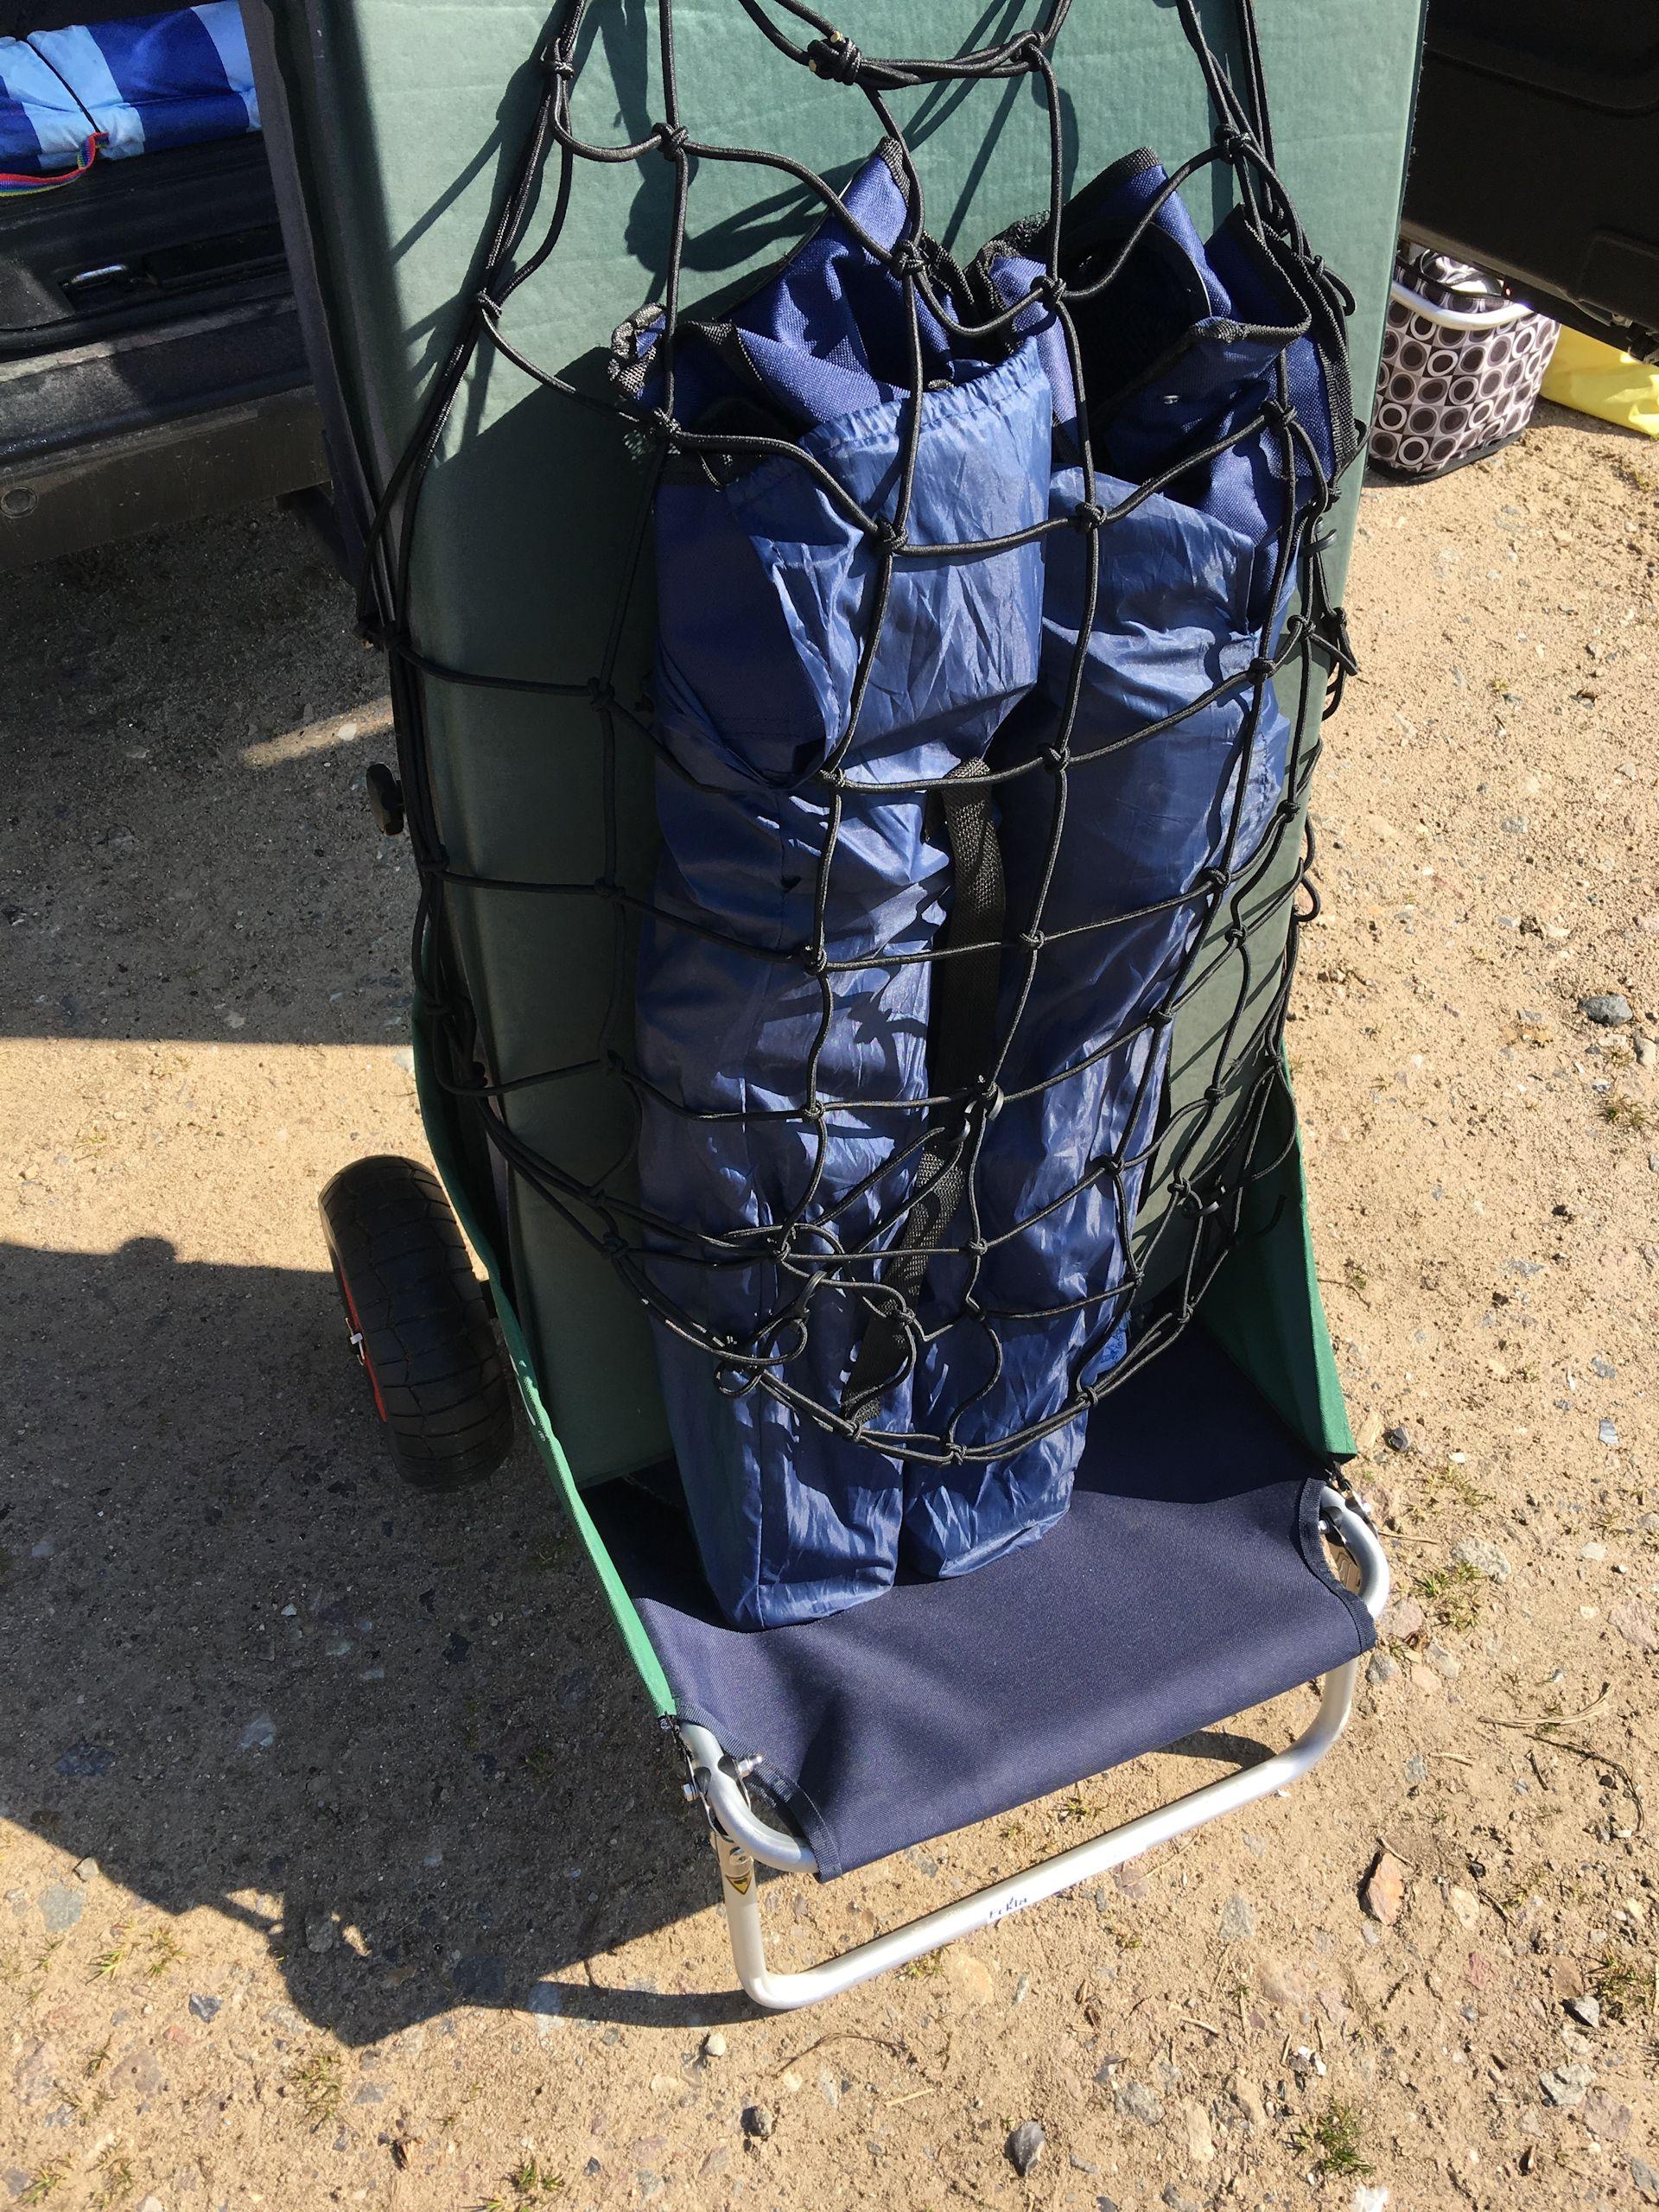 Lieferung mit ECKLA Gepäcknetz